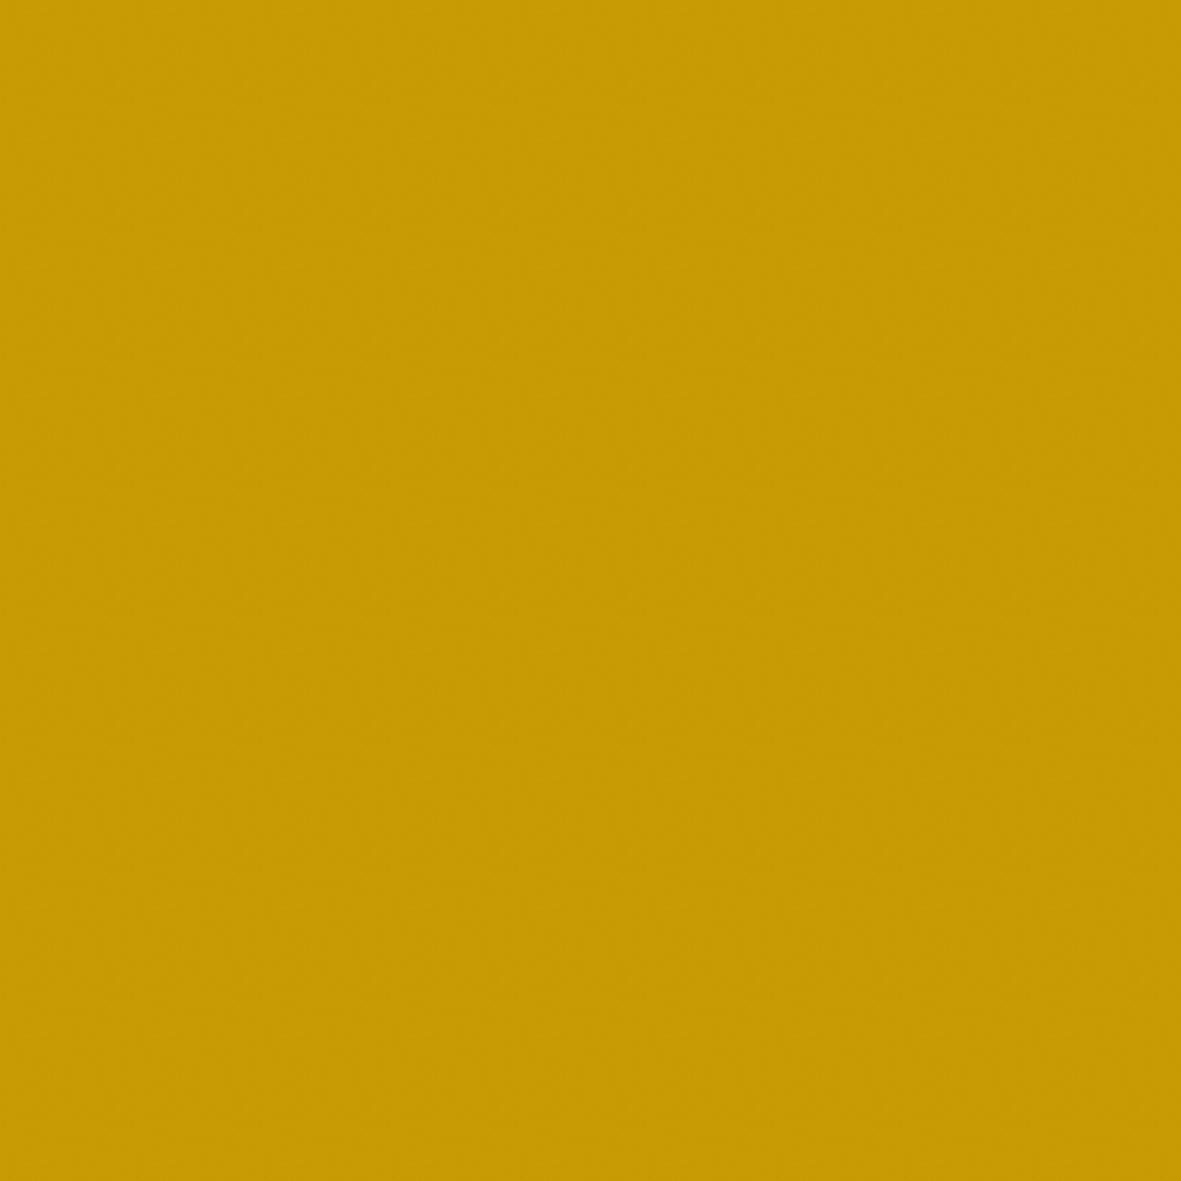 08 Mustard E9 GIALLO OCRA